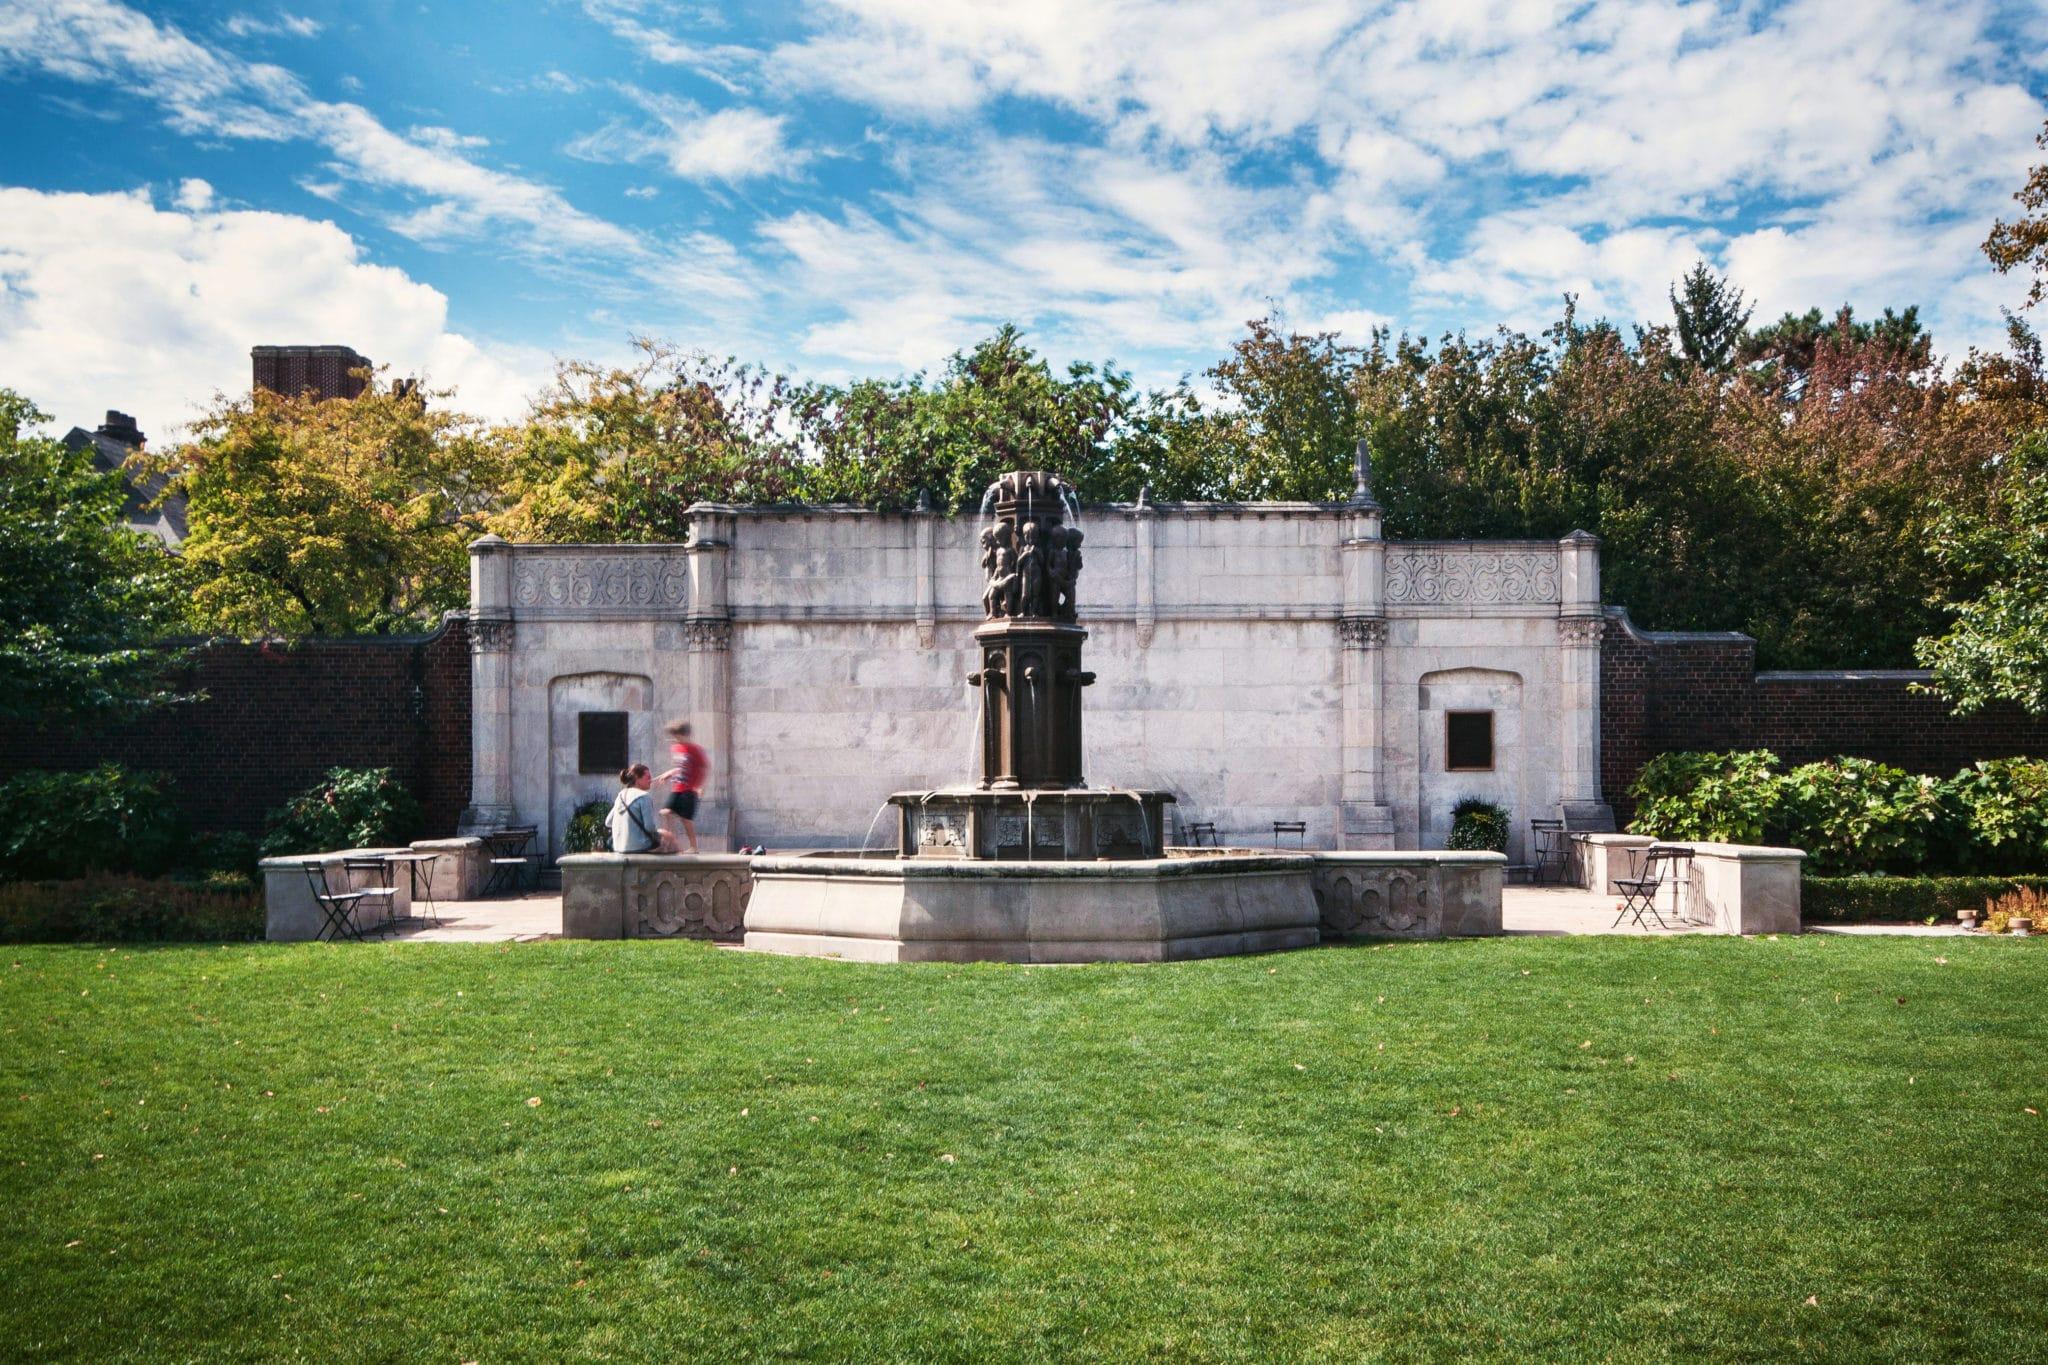 Mellon Park Walled Garden and fountain